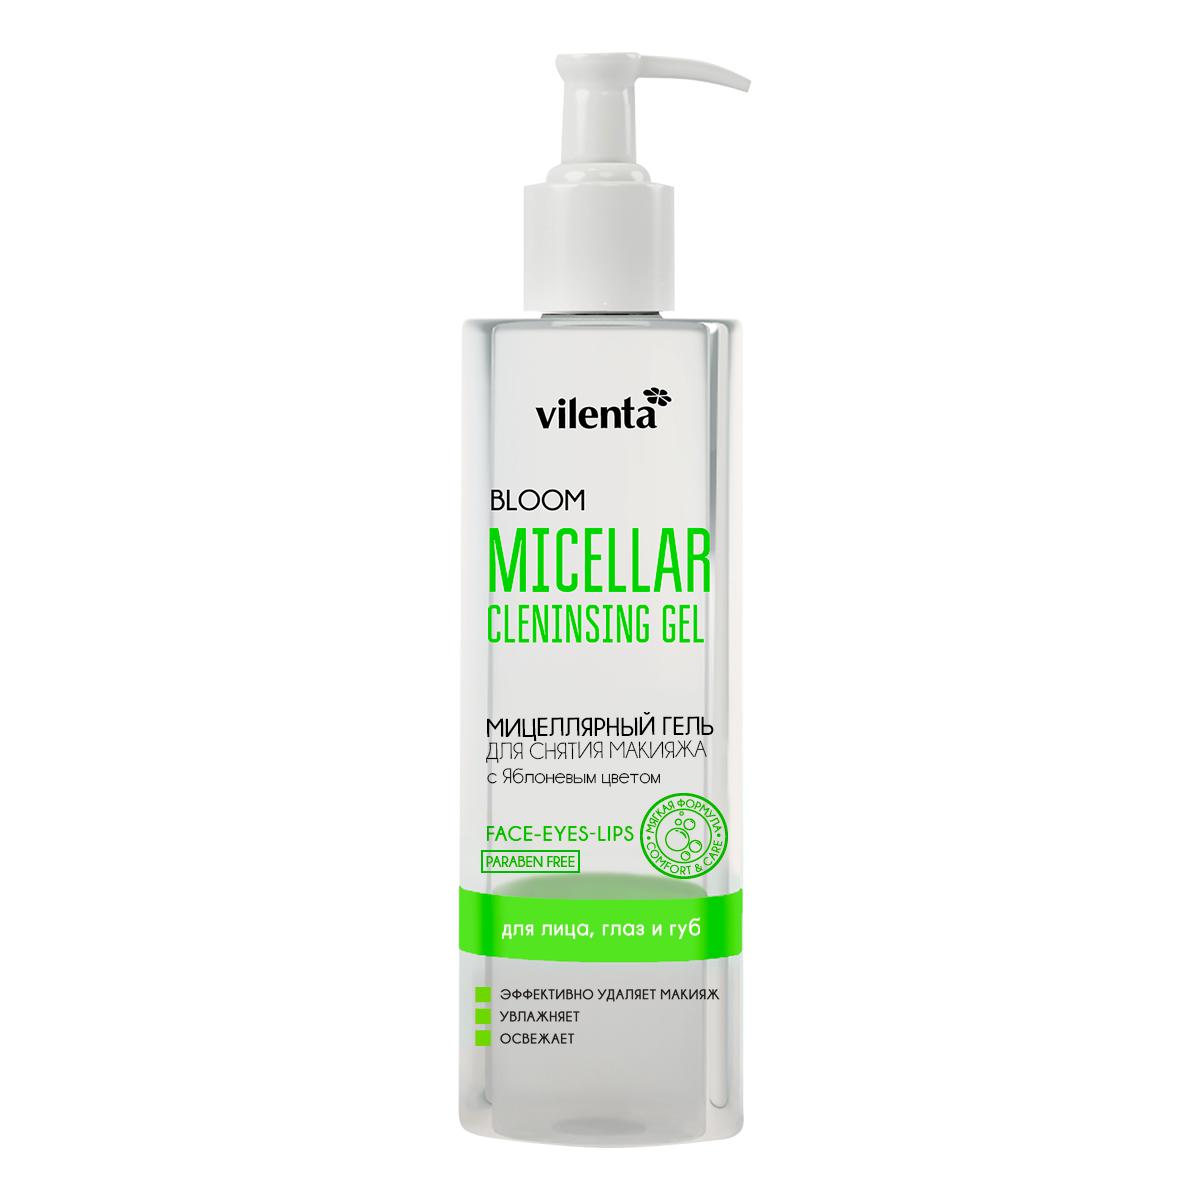 Vilenta Мицеллярный гель для снятия макияжа Bloom, 200 млВОС002Мицеллярный гель для губ и чувствительных глаз обеспечивает эффективное снятие макияжа без раздражения. Его освежающая гелевая текстура успокоит и увлажнит нежную кожу вокруг глаз. Эффективно удаляет макияж и очищает кожу. Идеально подходит для очищения кожи после косметического пилинга или чистки.